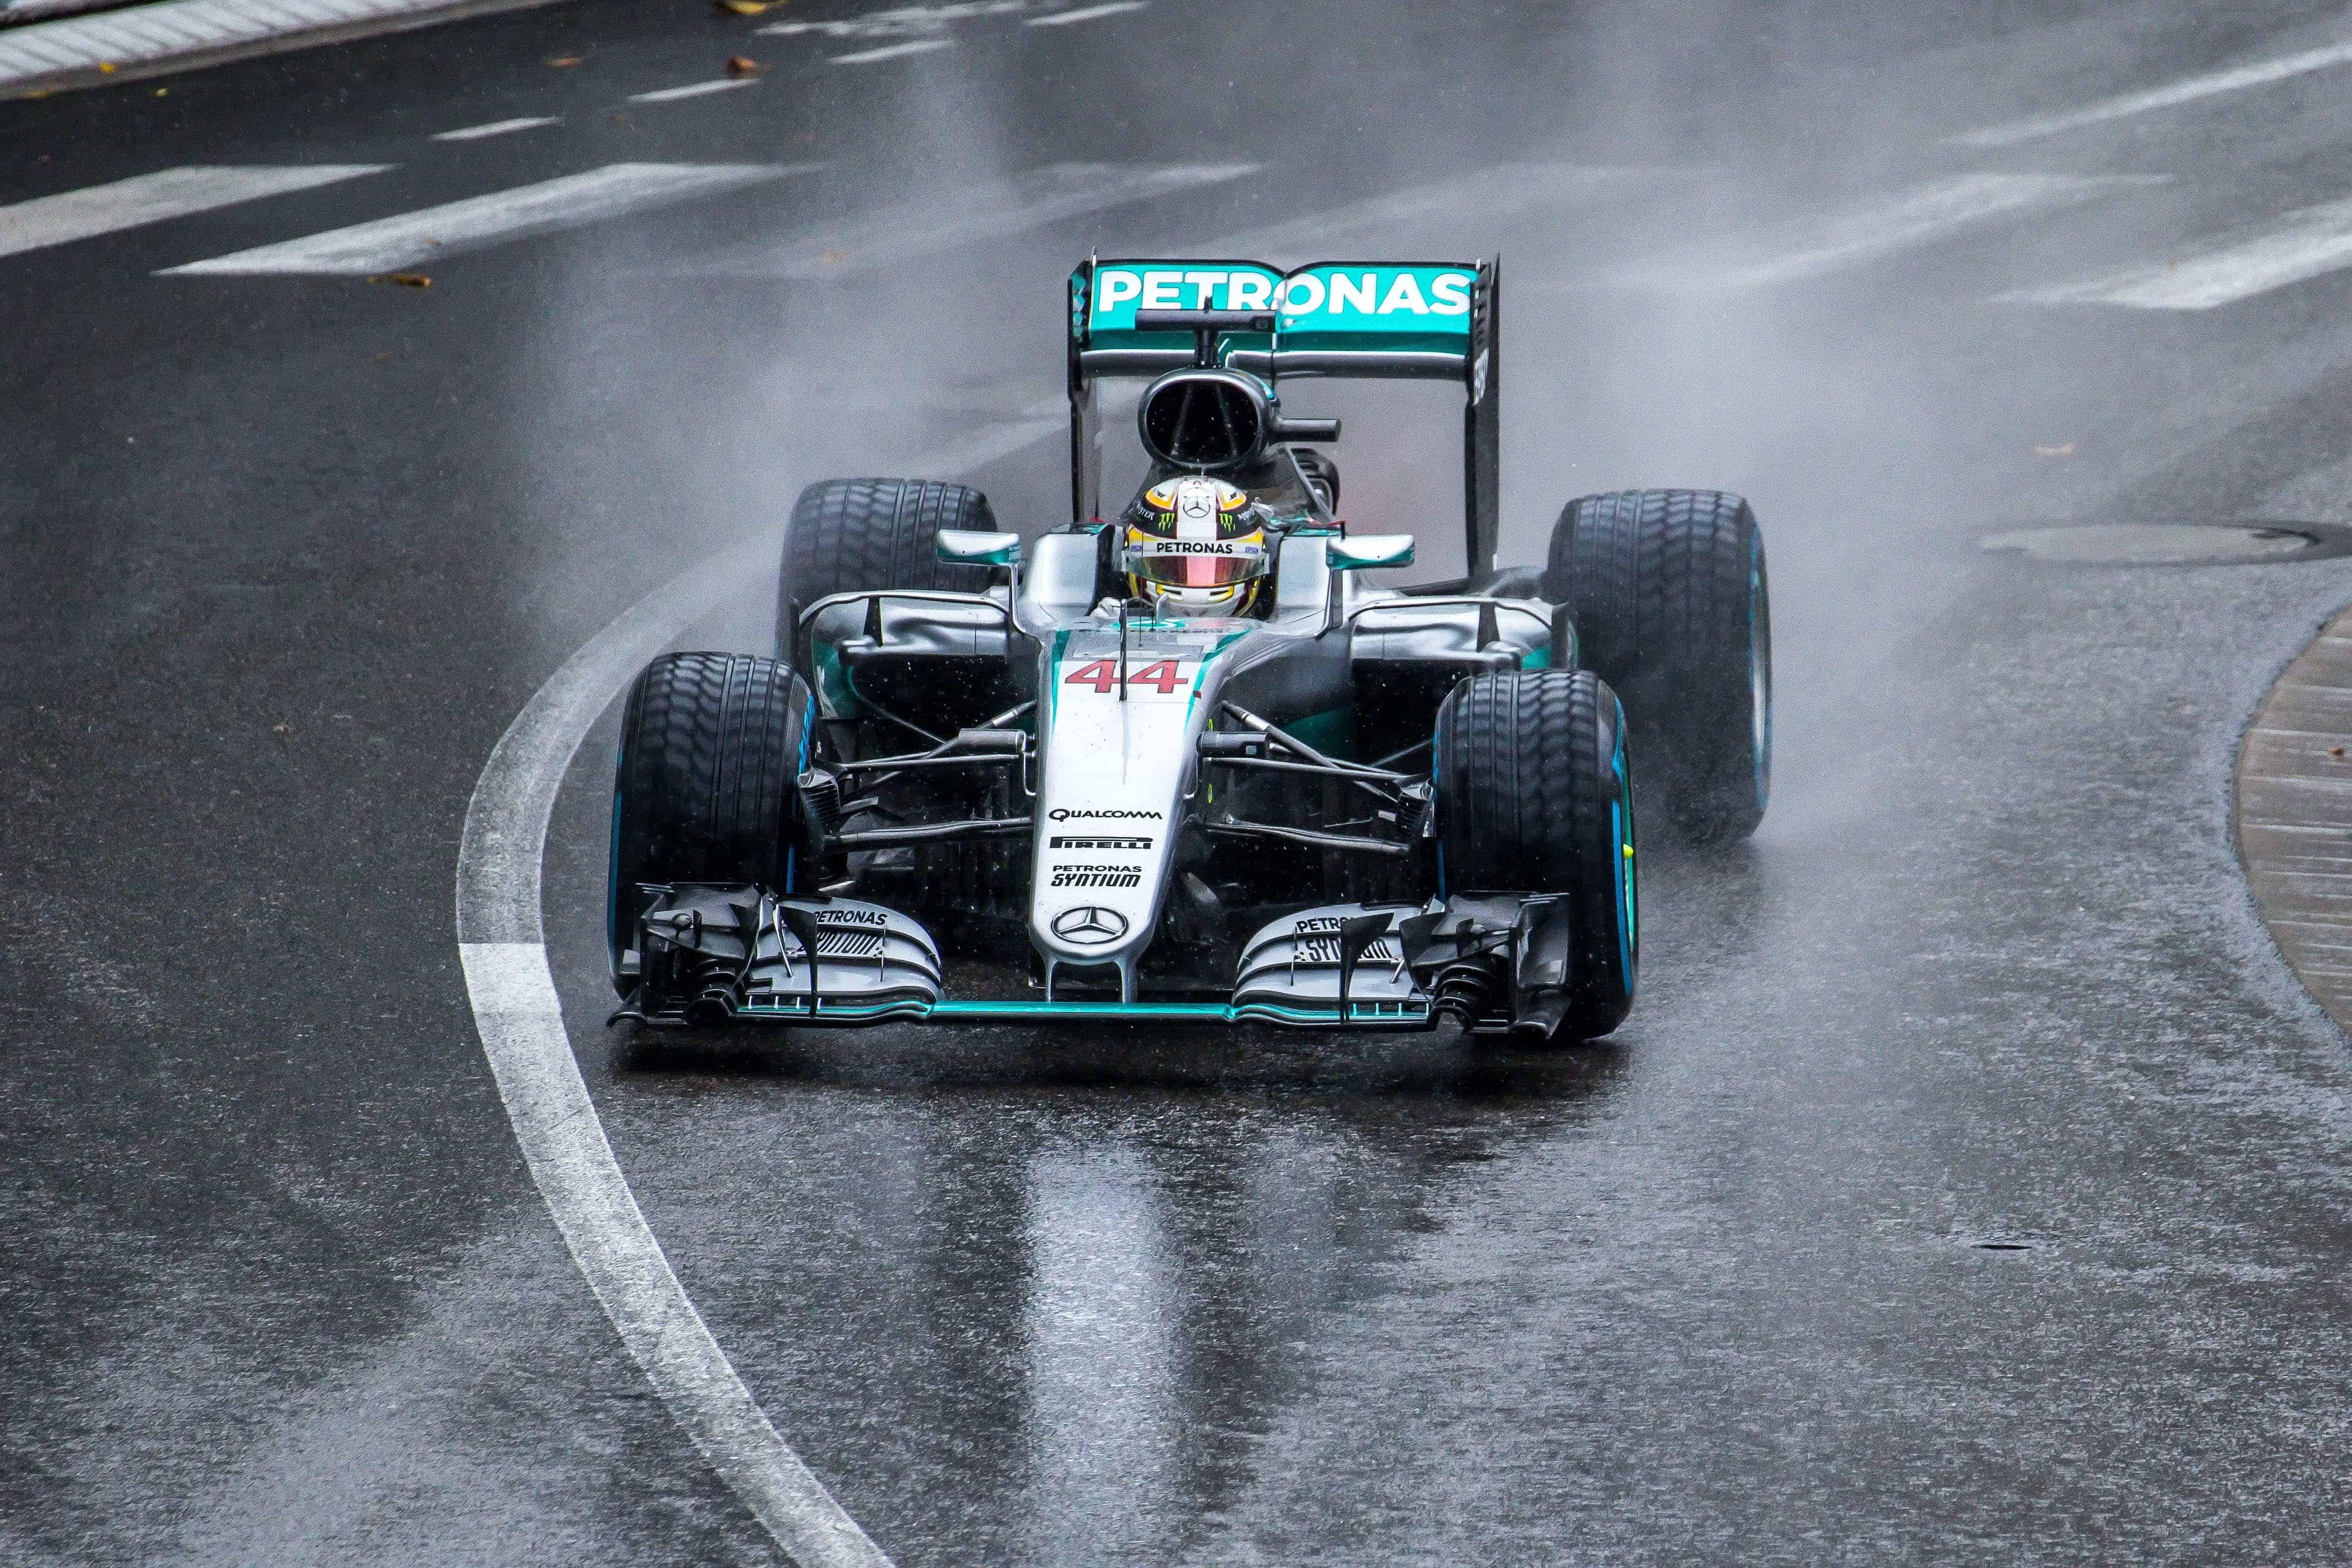 2016 Monaco F1 Grand Prix